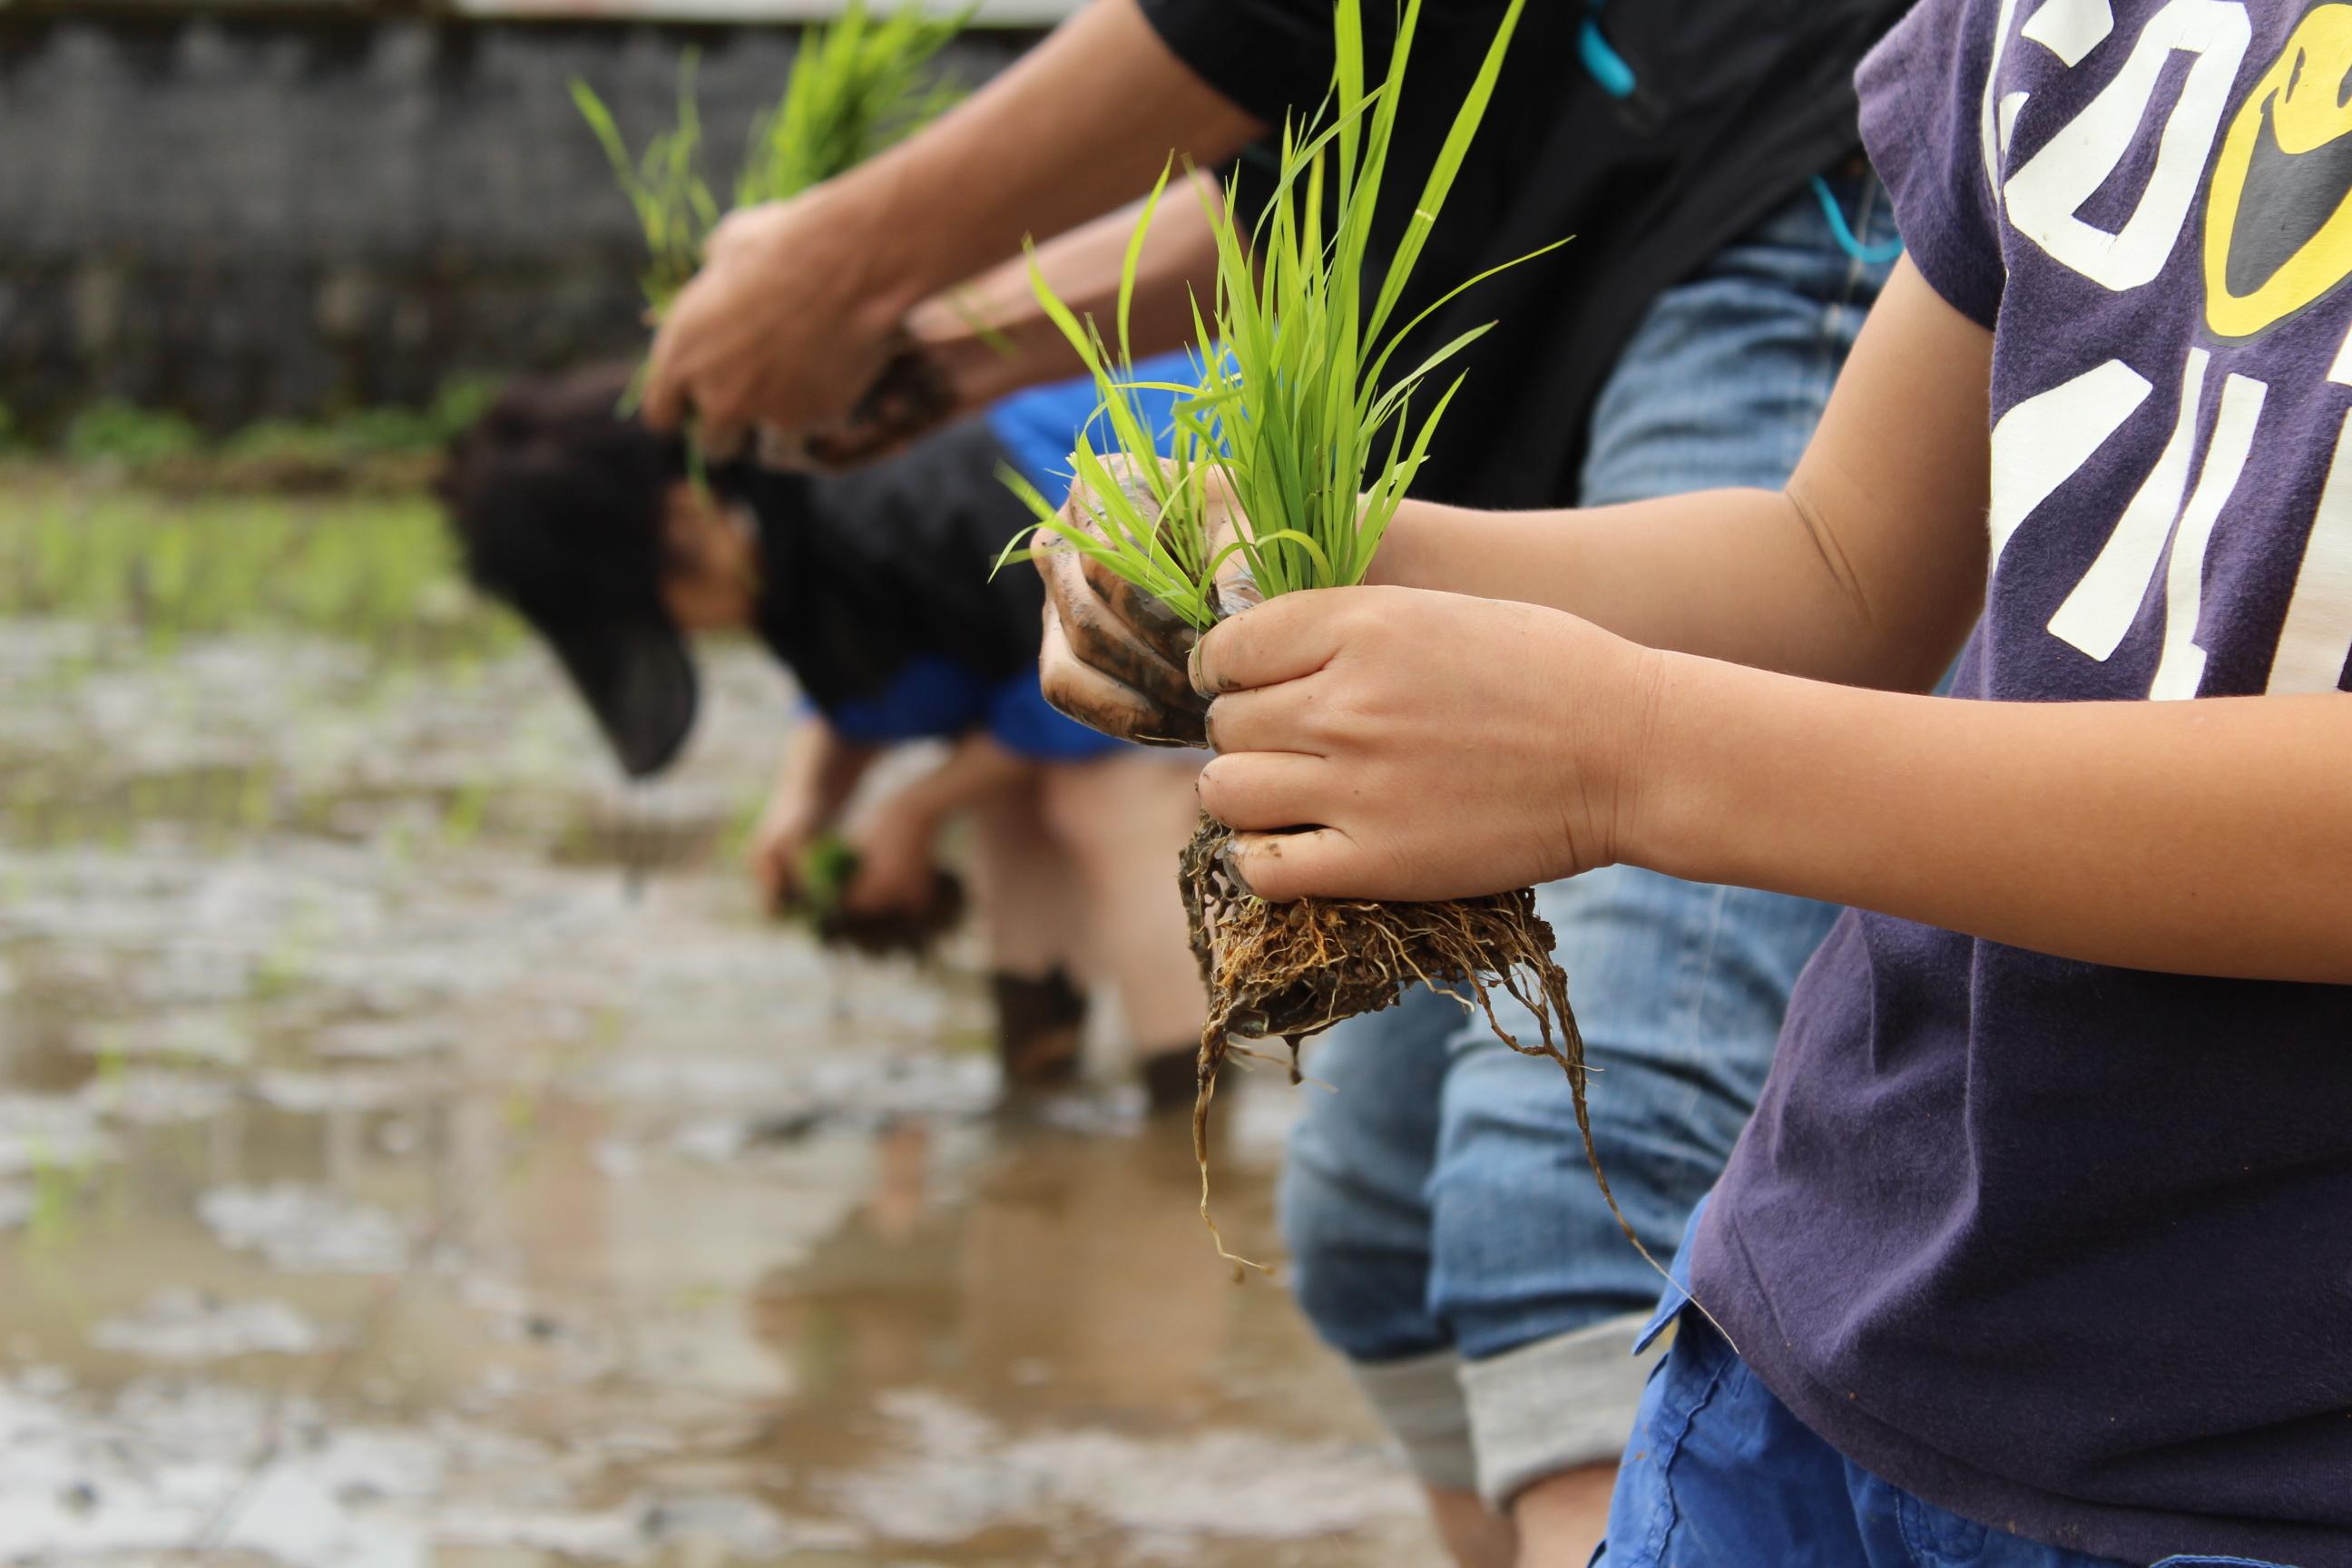 小さい頃田植えをしたことあるのですが、この田んぼに素足の感覚がタマラナイですよね~